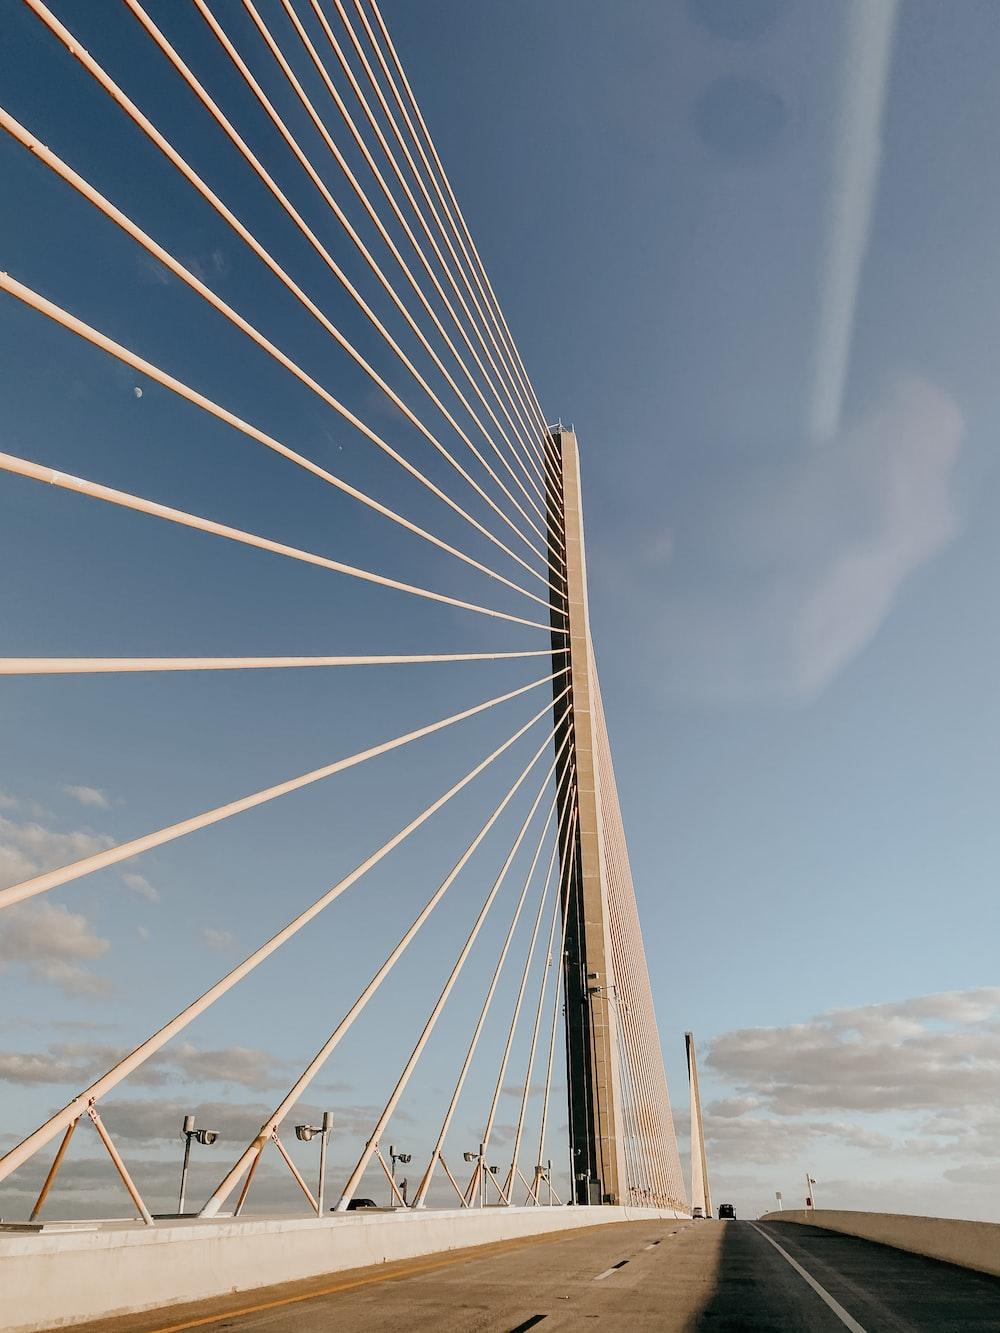 gray bridge under white clouds during daytime